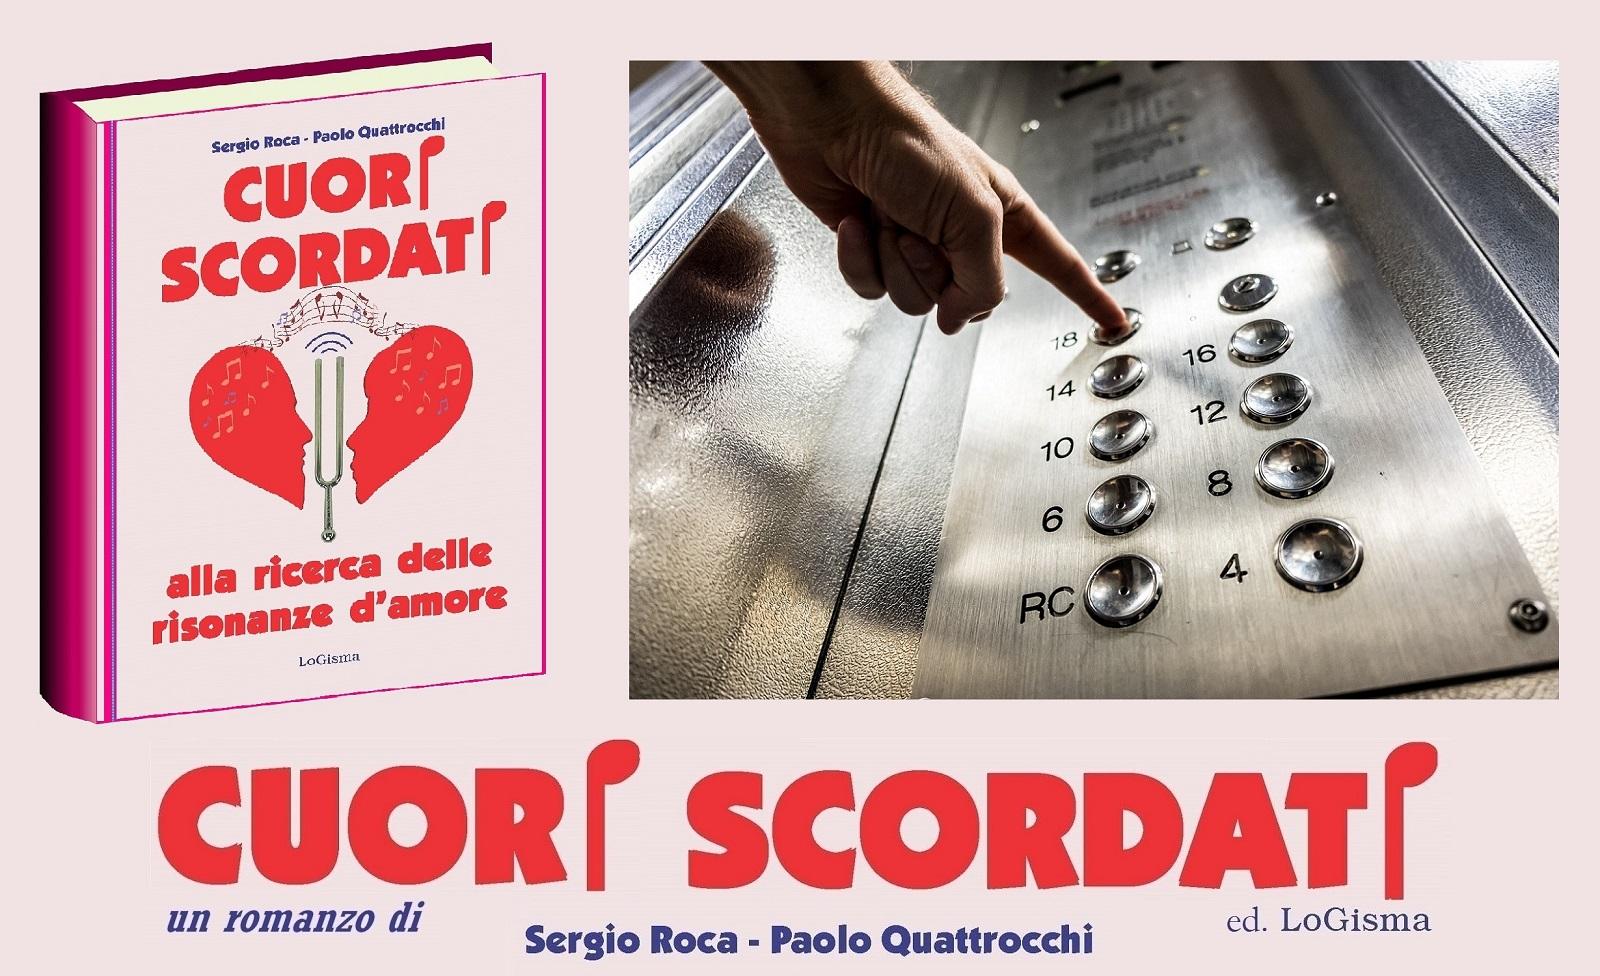 Libro Cuori Scordati e dito che spinge pulsante di ascensore